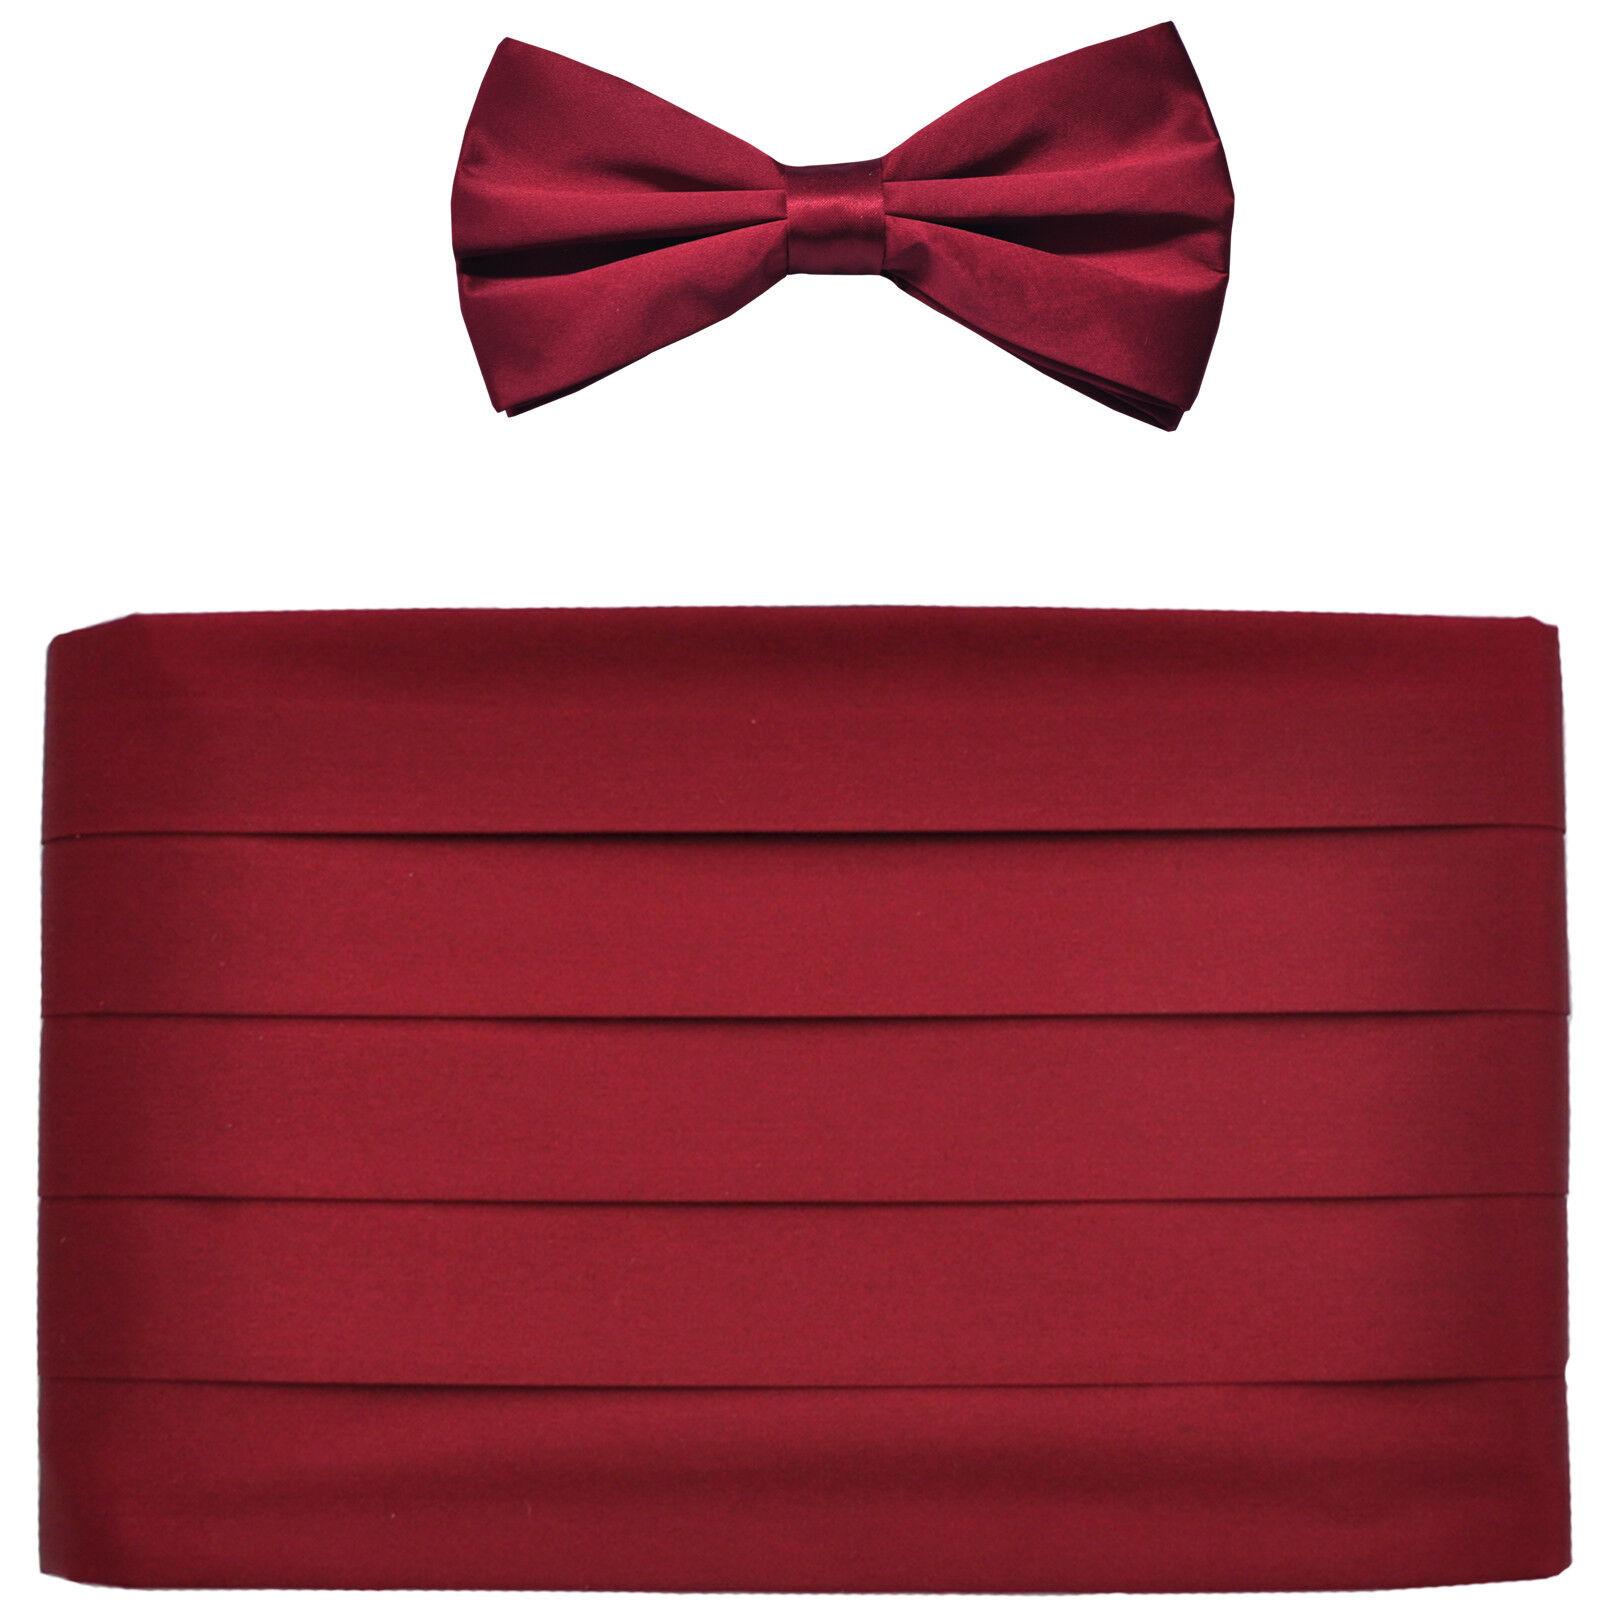 NEW in box men's formal 100% SILK Cummerbund, bowtie set solid BURGUNDY wedding